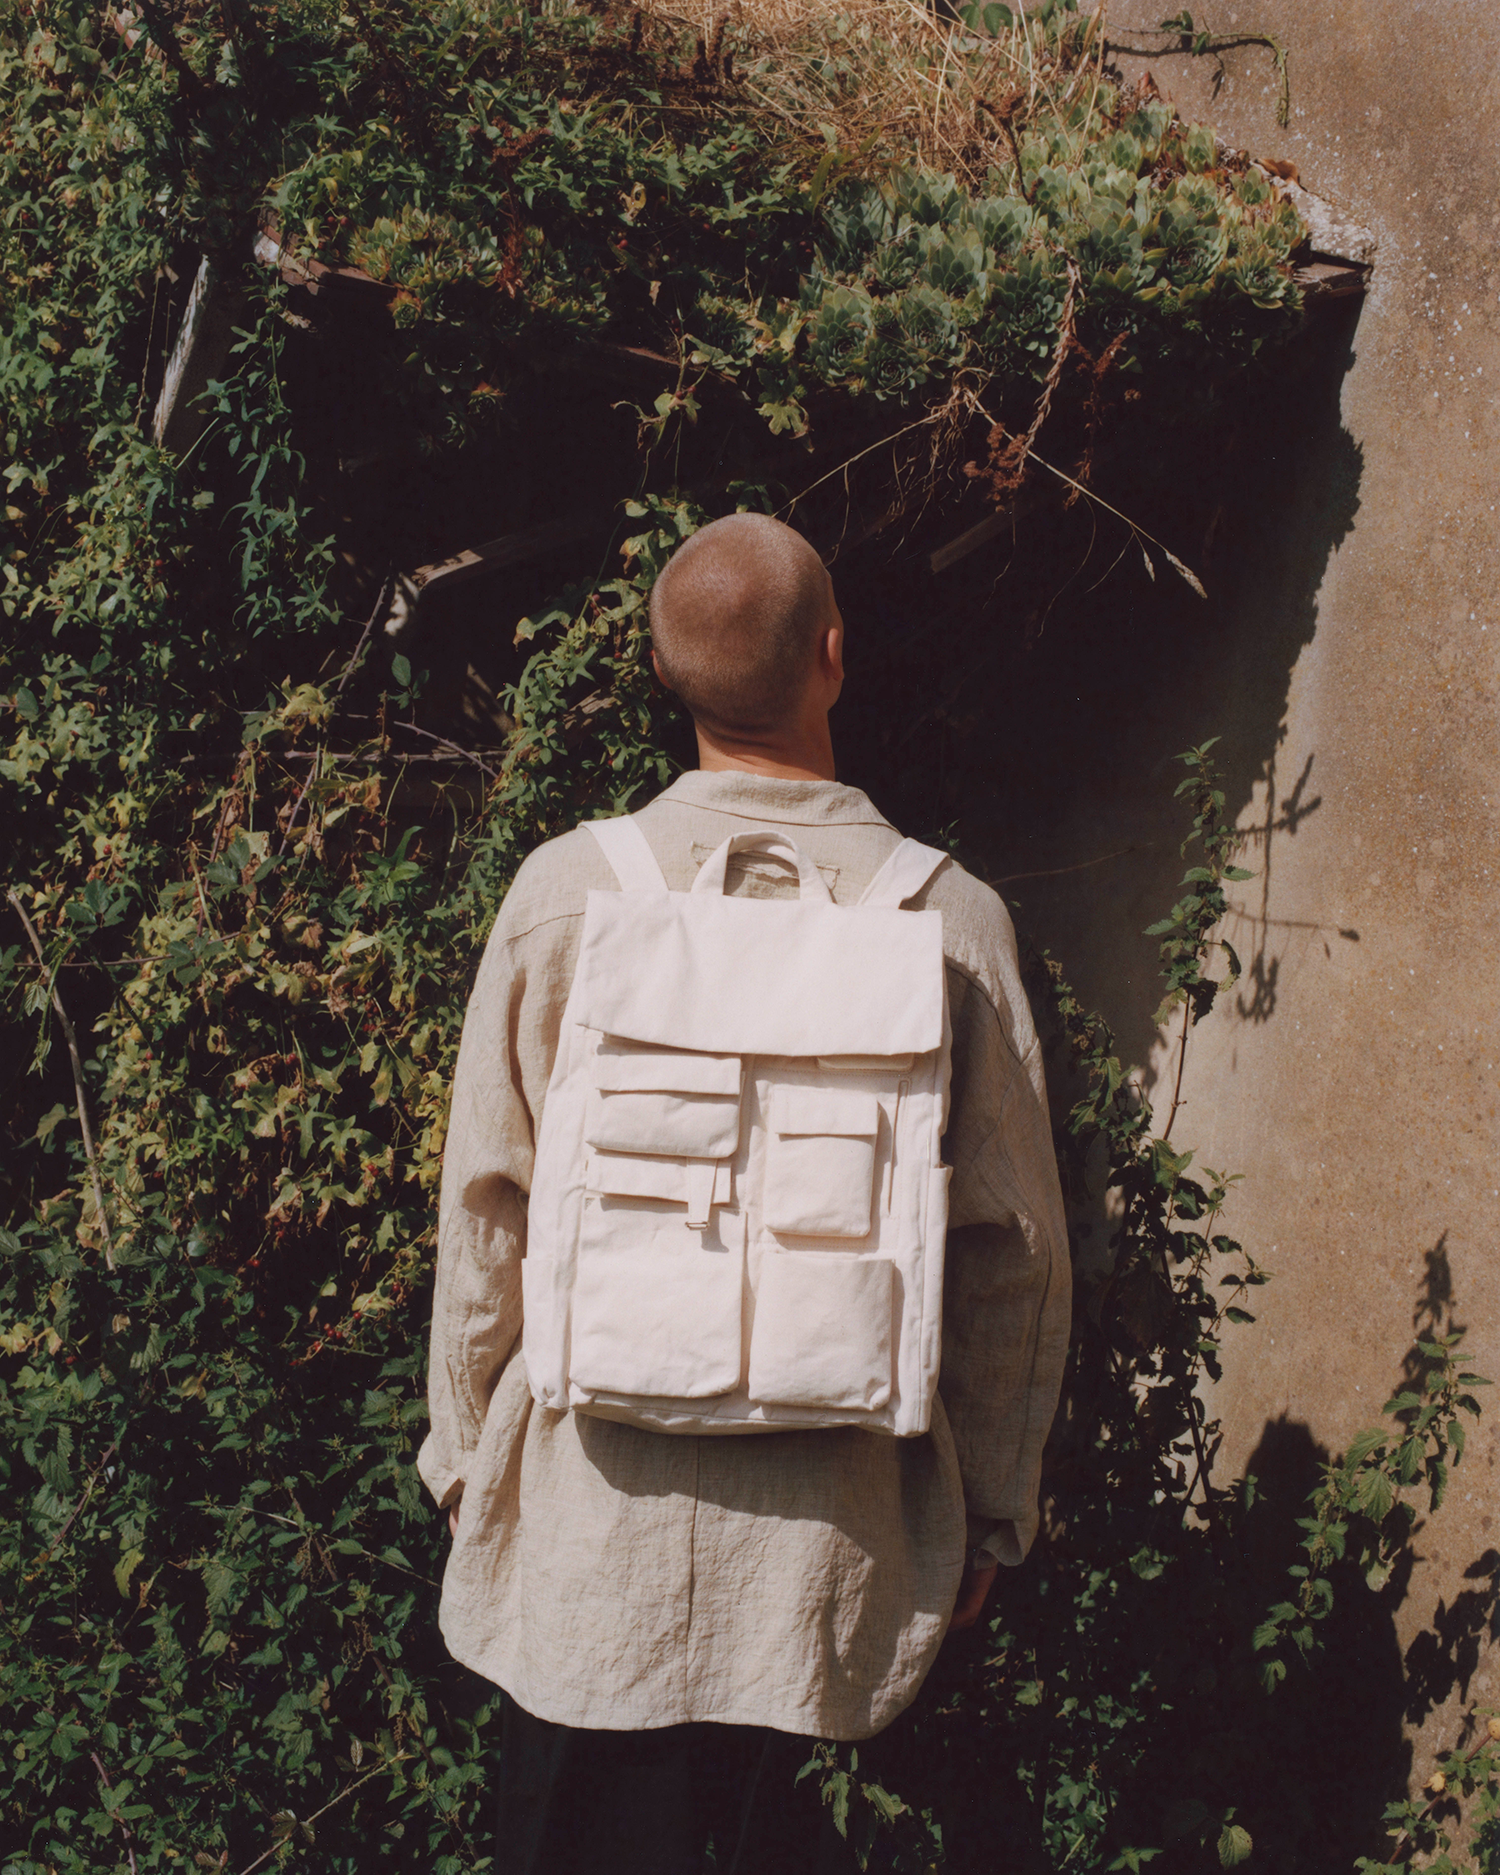 4つのユニークな職業を、toogoodとCHACOLIがバッグで表現。